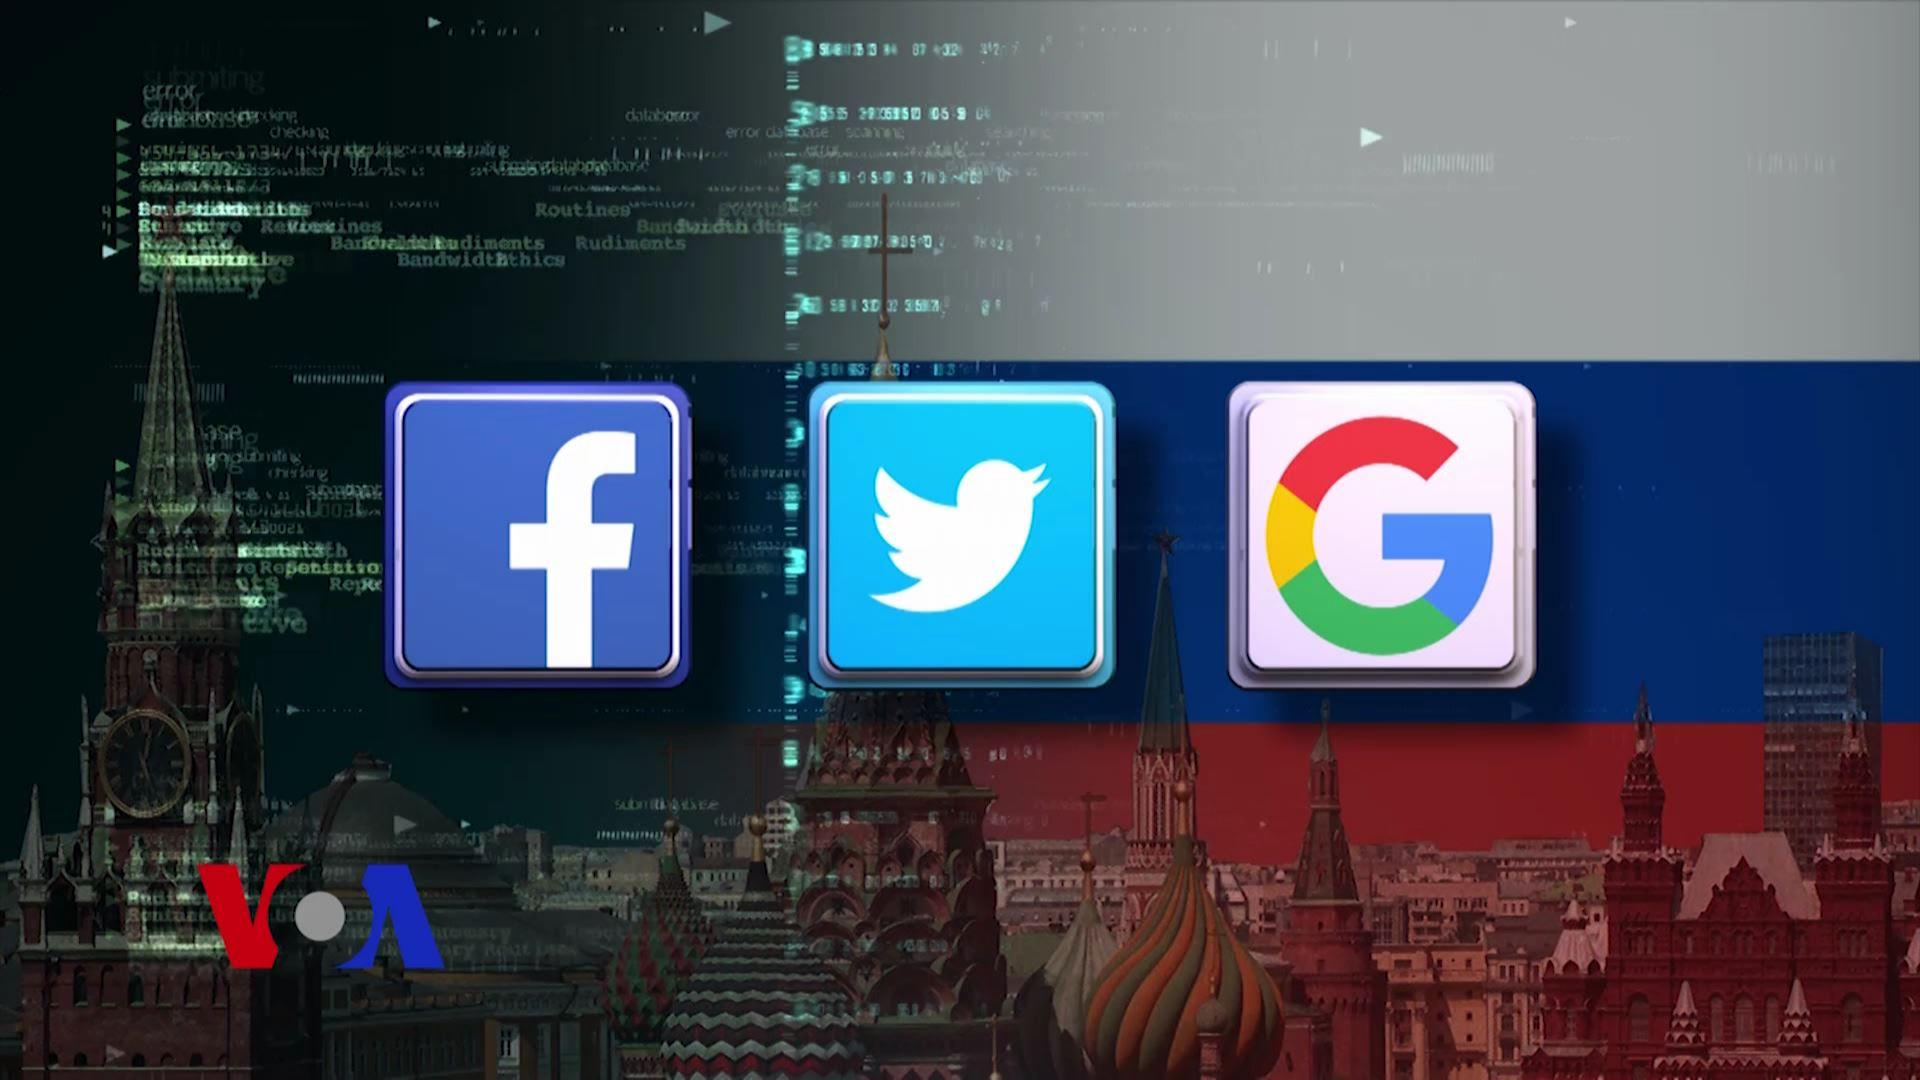 ინტერნეტის თავისუფლება - ამერიკის ხმა